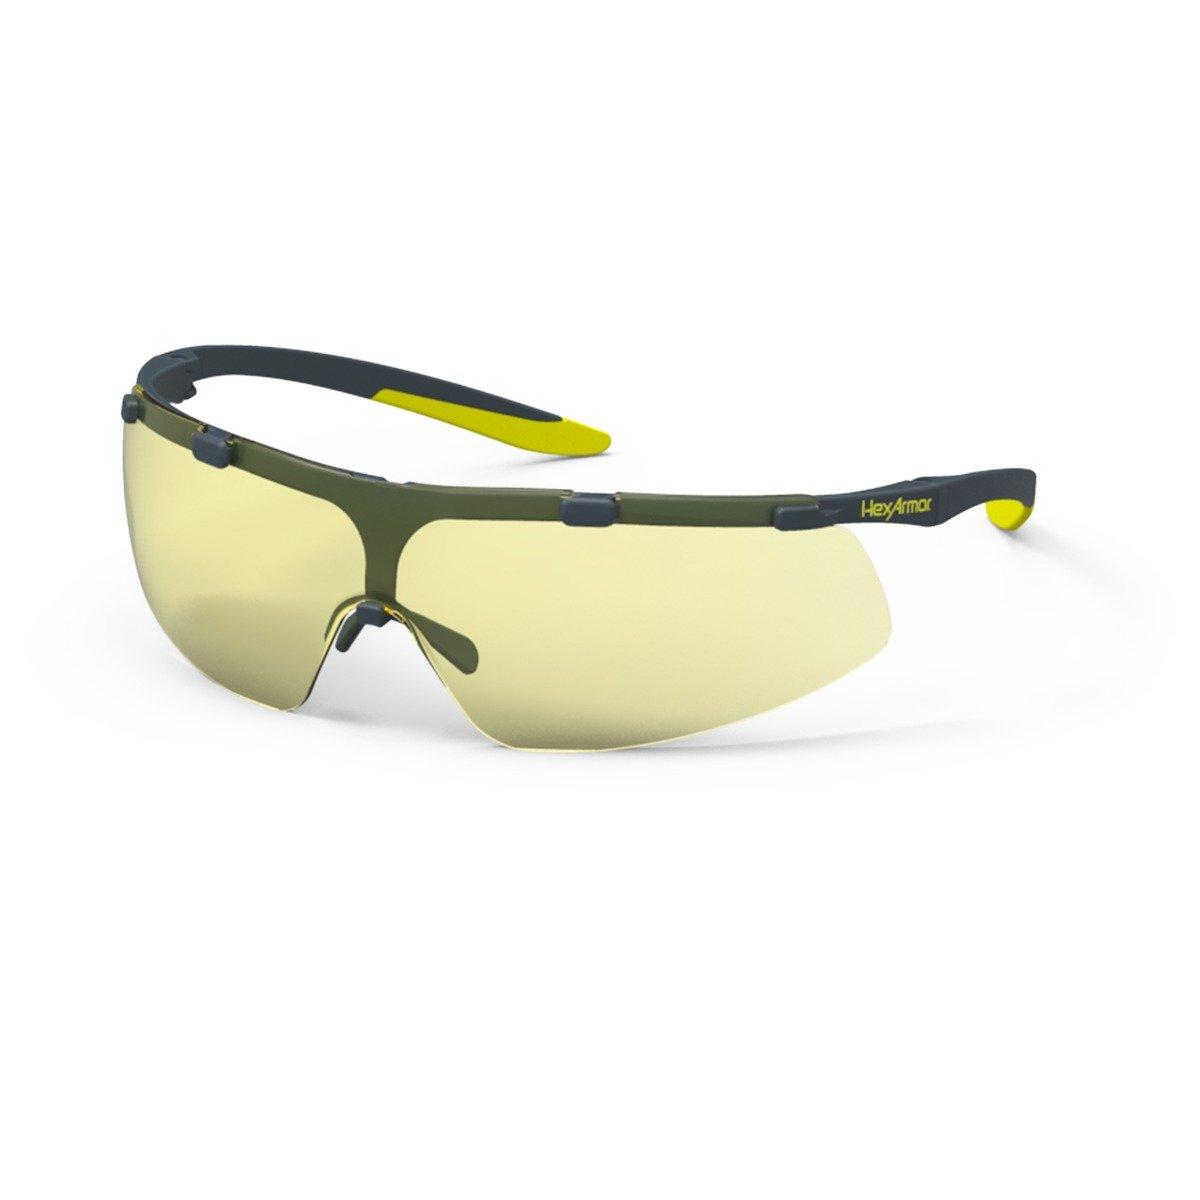 HexAmor VS200 Lightweight Amber Tint Anti Fog Safety Glasses